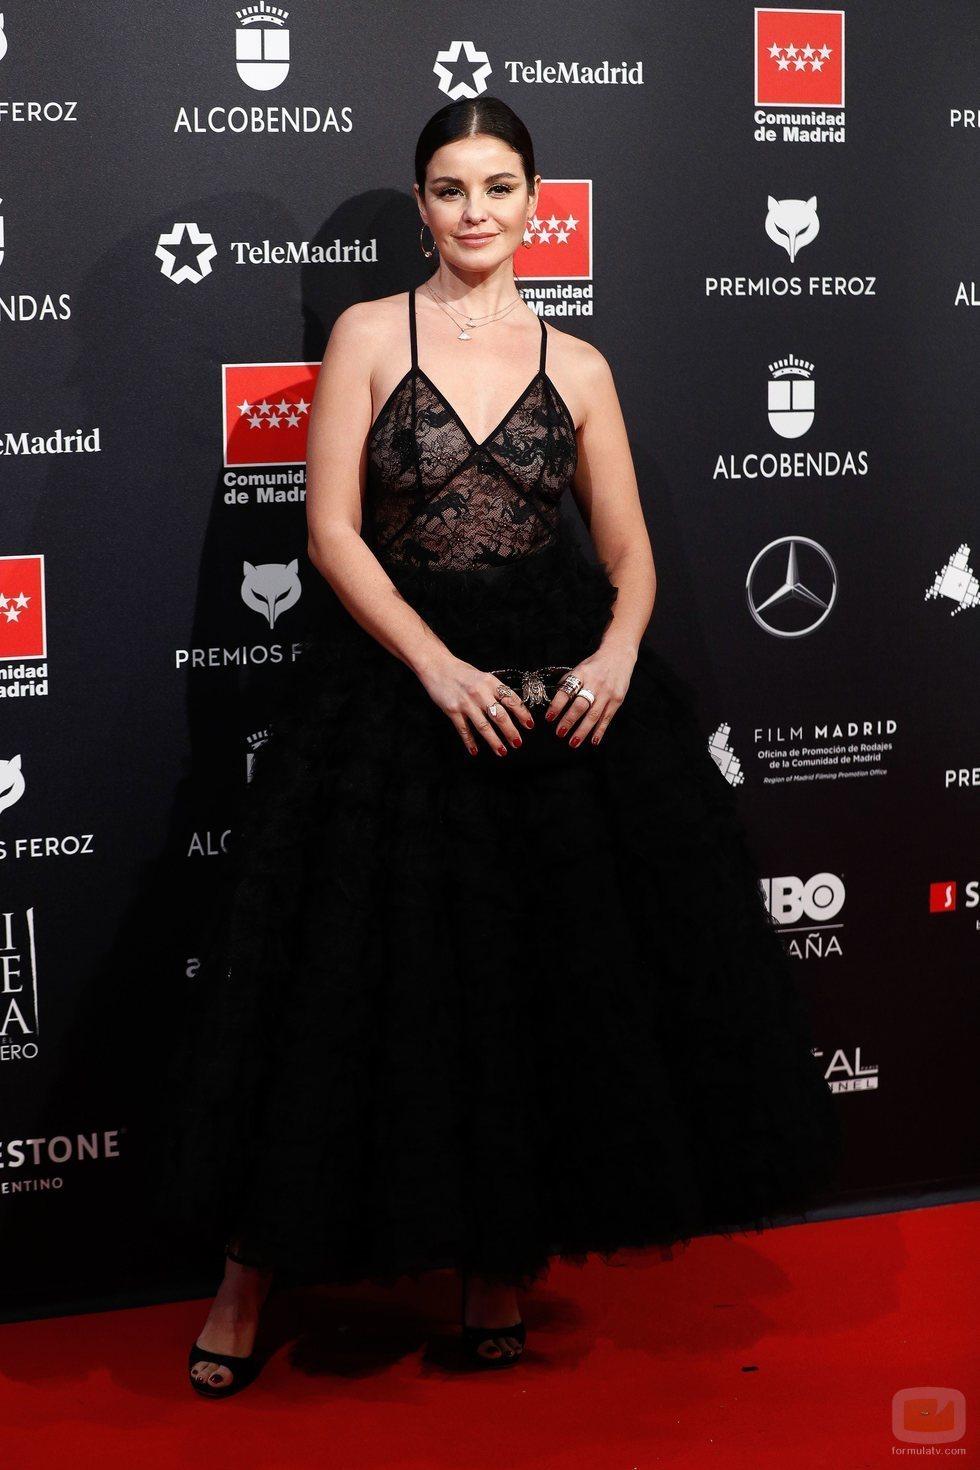 Marta Torné posa en los Premios Feroz 2020